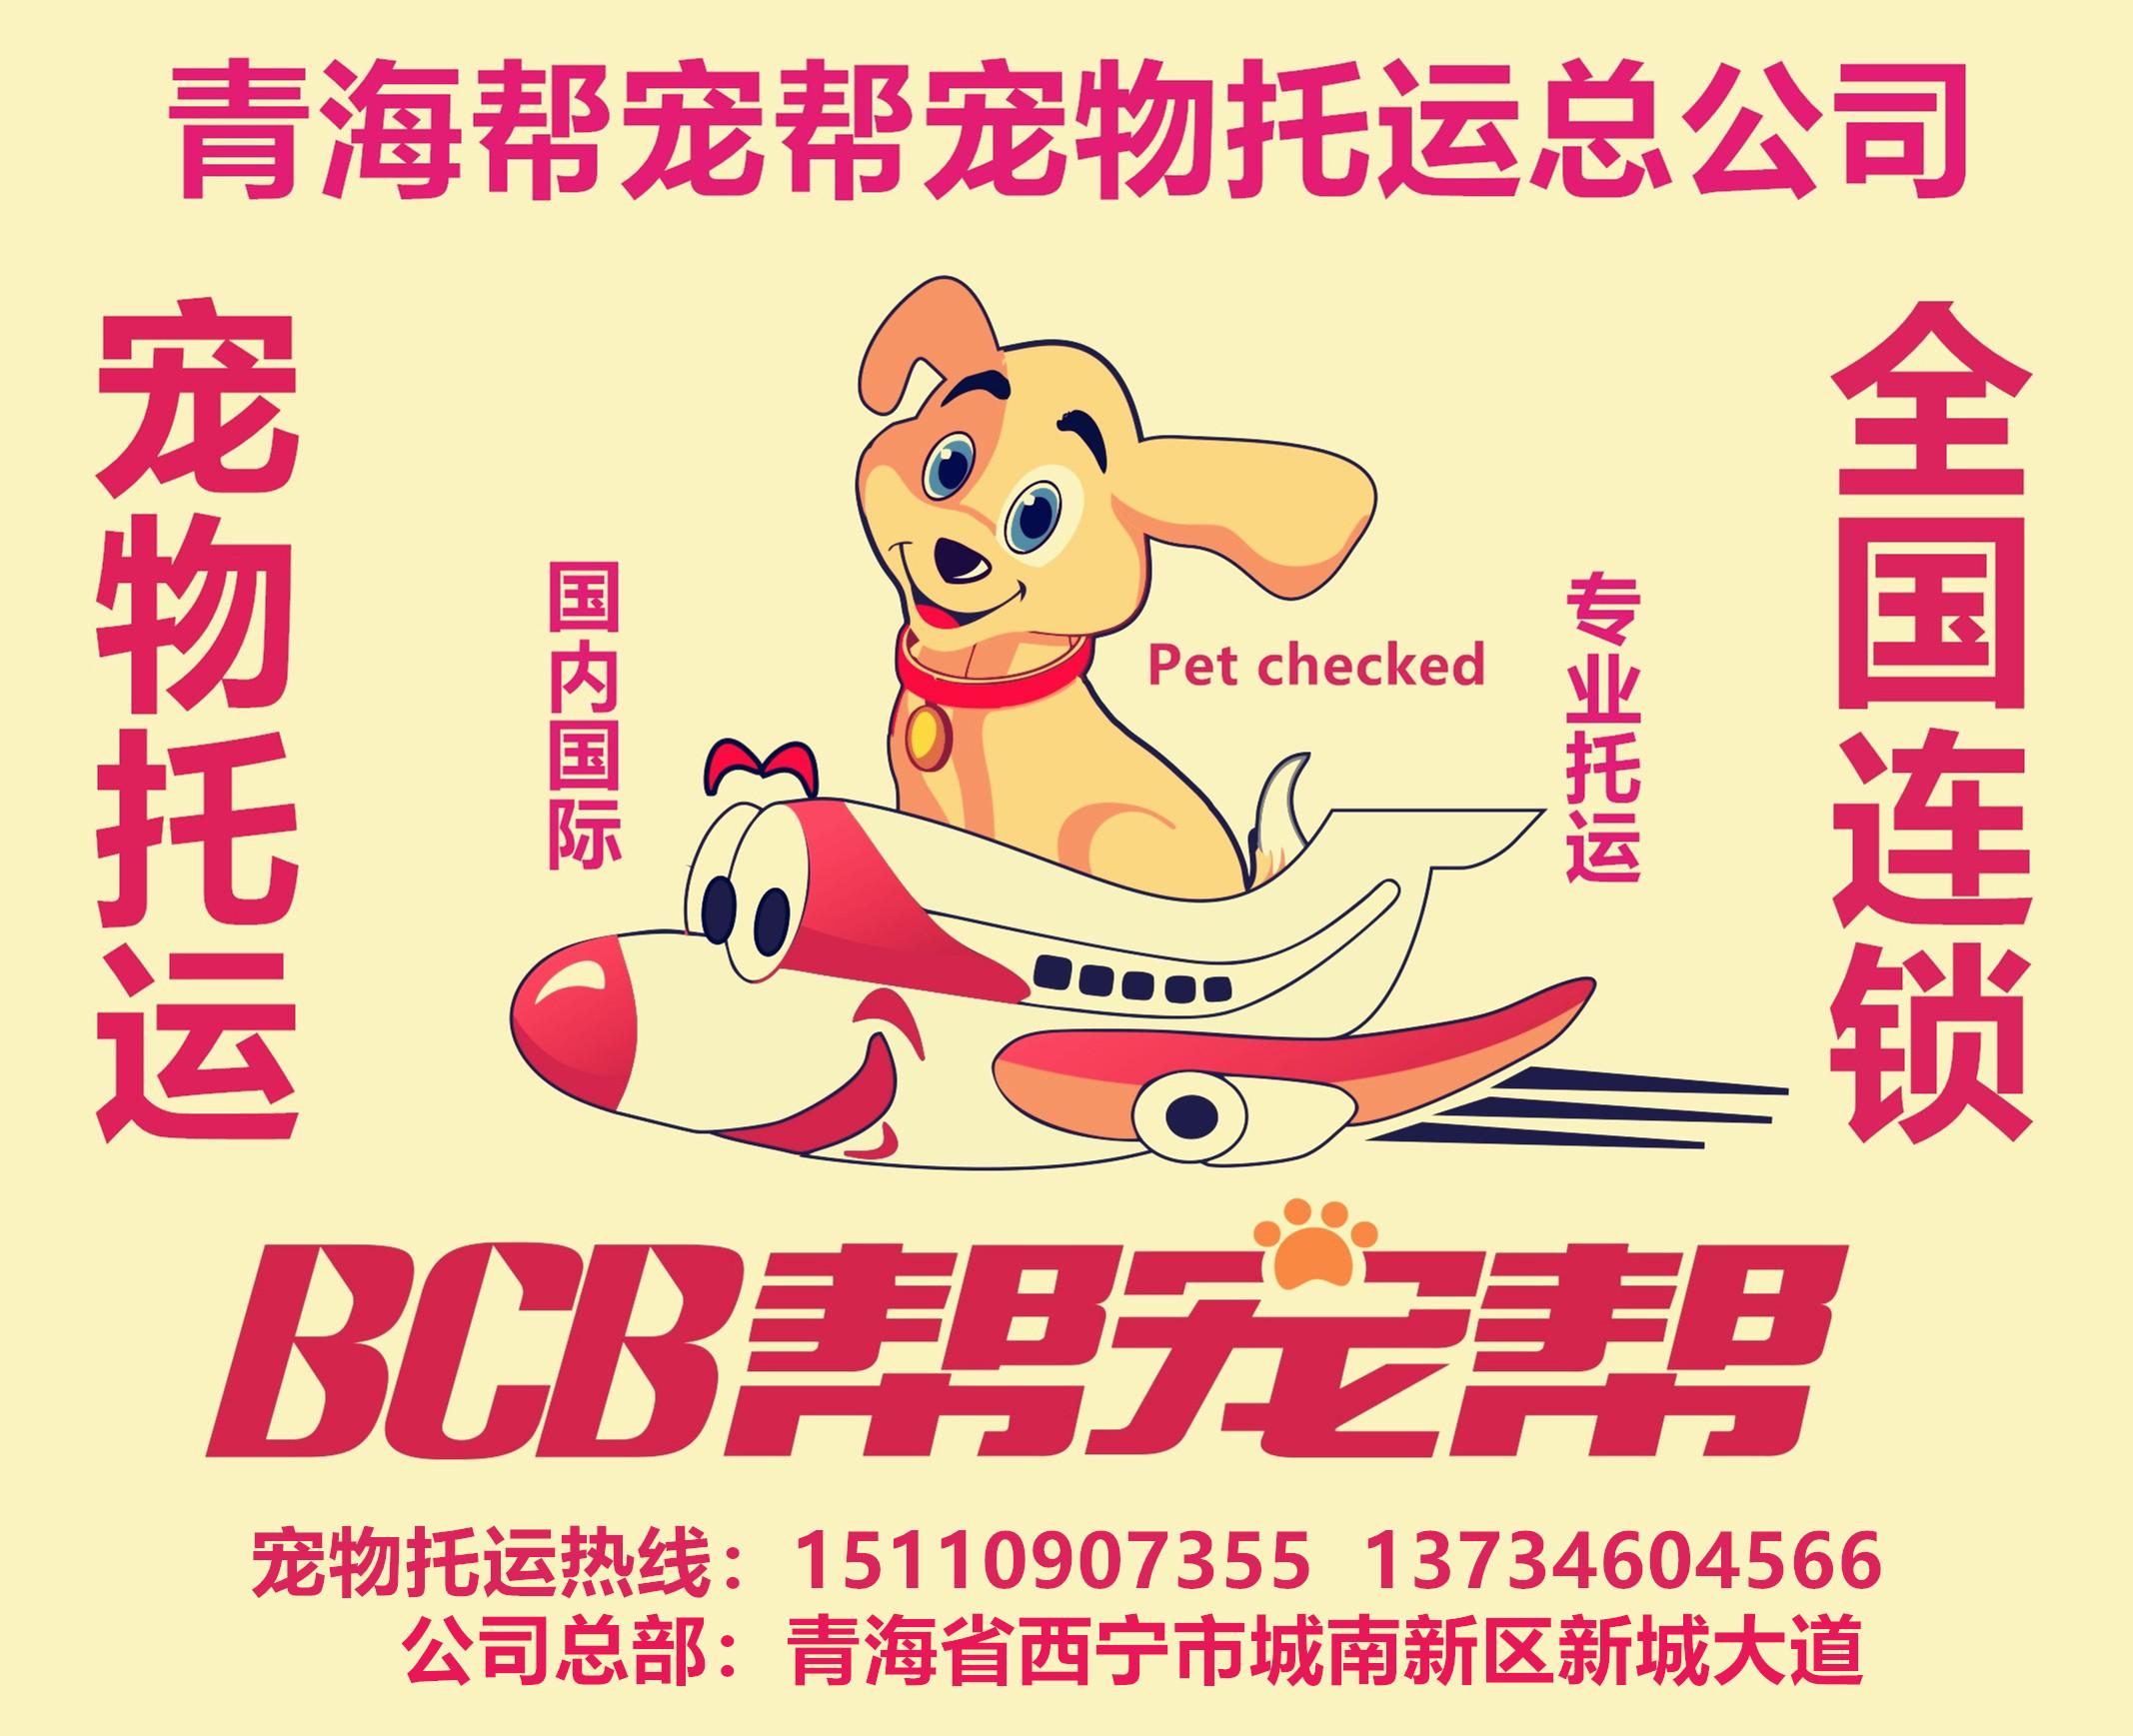 西宁宠物托运全国各地无死角找西宁帮宠帮宠物托运公司